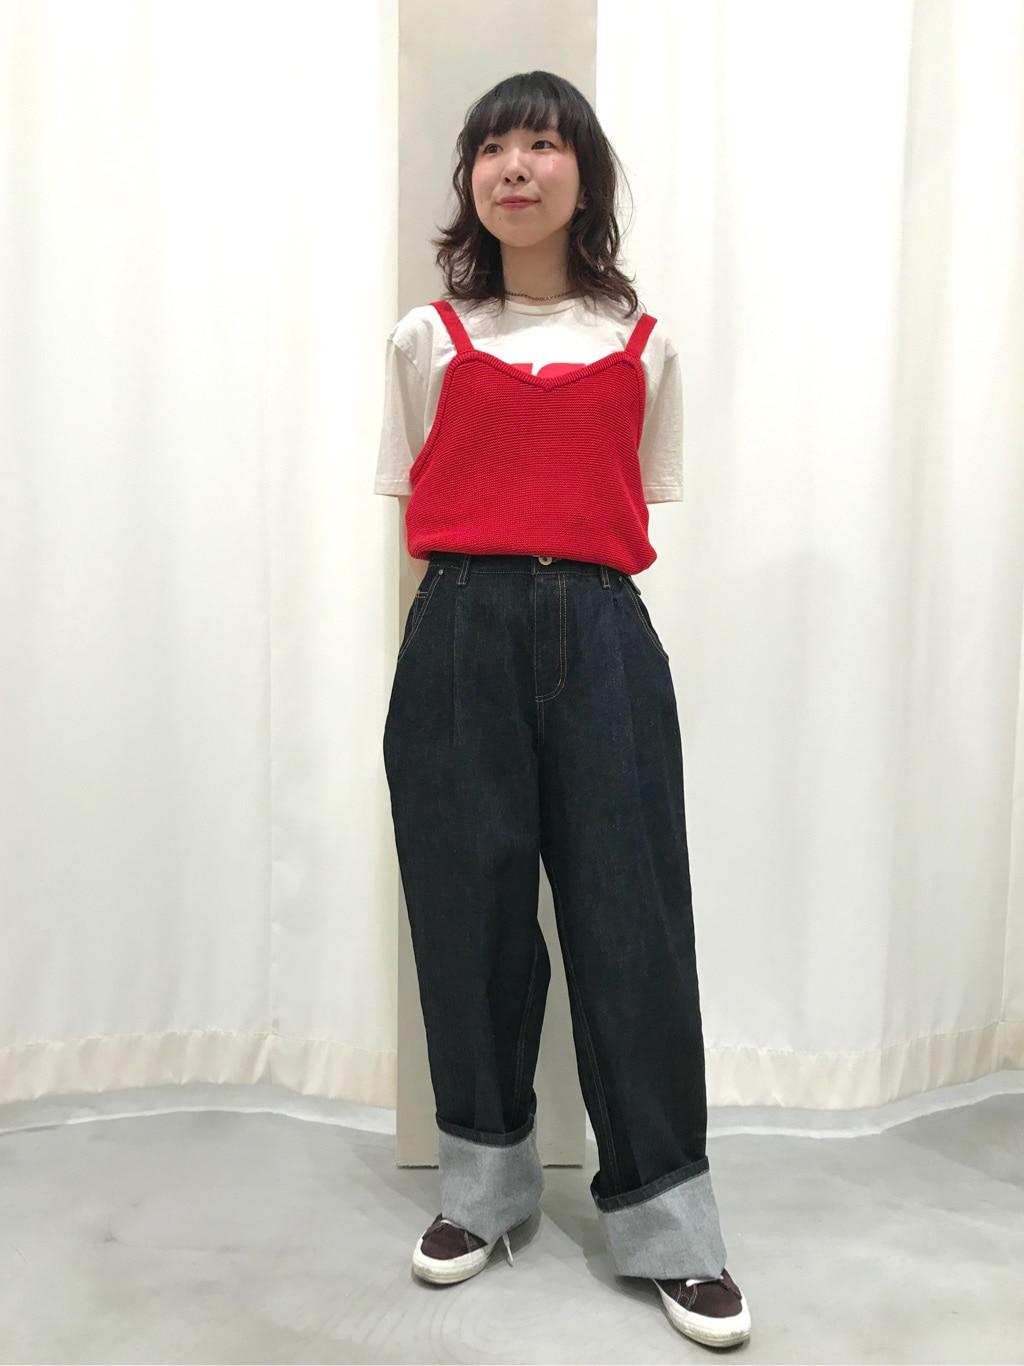 AMB SHOP PAR ICI CHILD WOMAN,PAR ICI ルミネ横浜 身長:154cm 2020.06.15